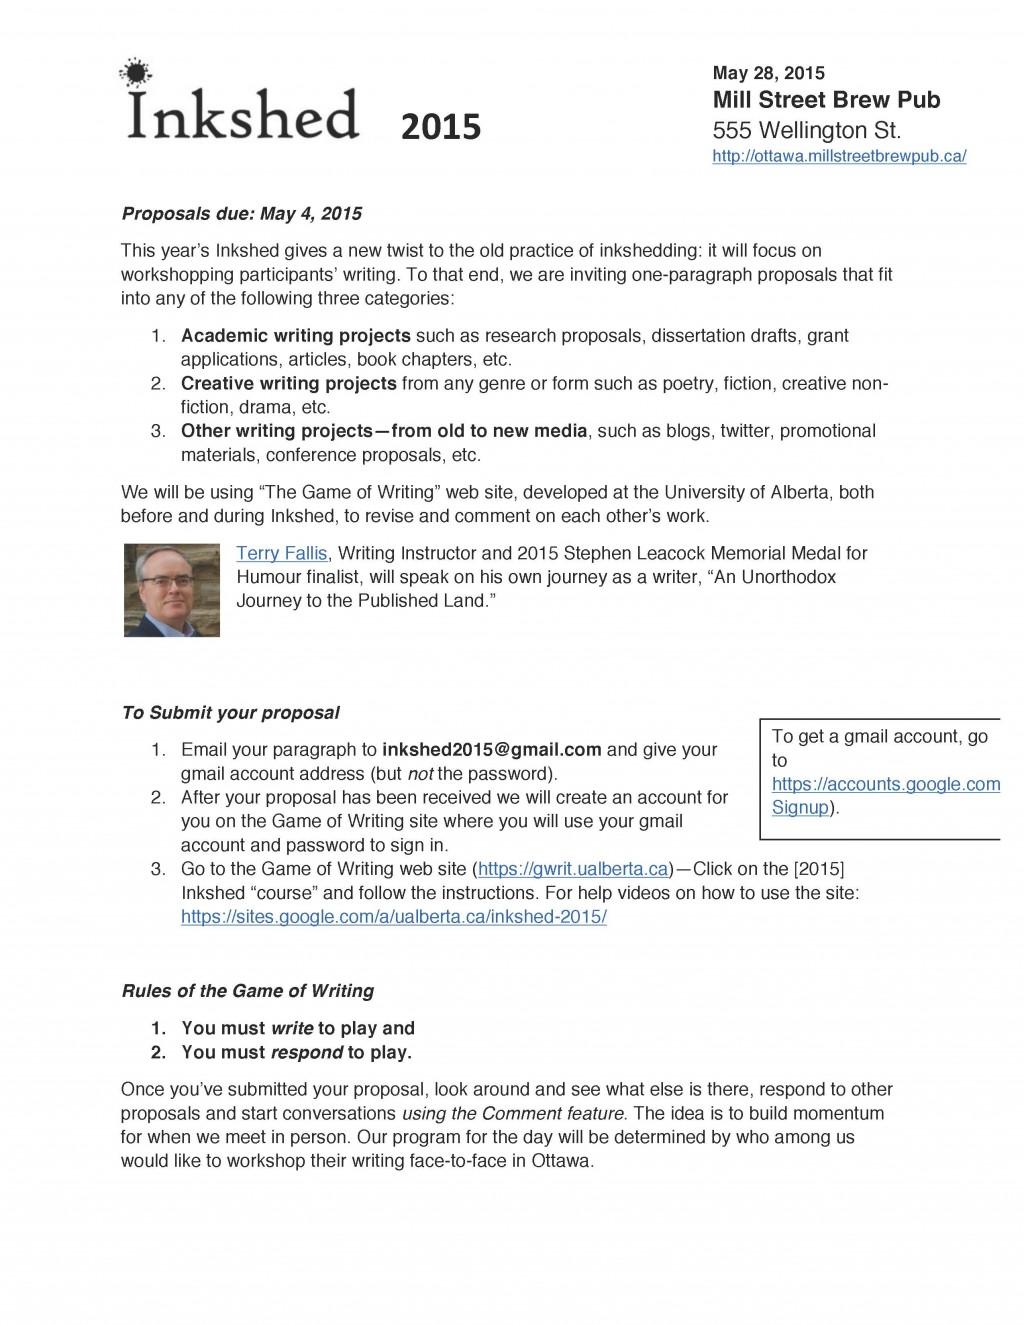 027 Professional Dissertation Proposal Writing Site Usa Njhs Essay Conclusion Unique Large